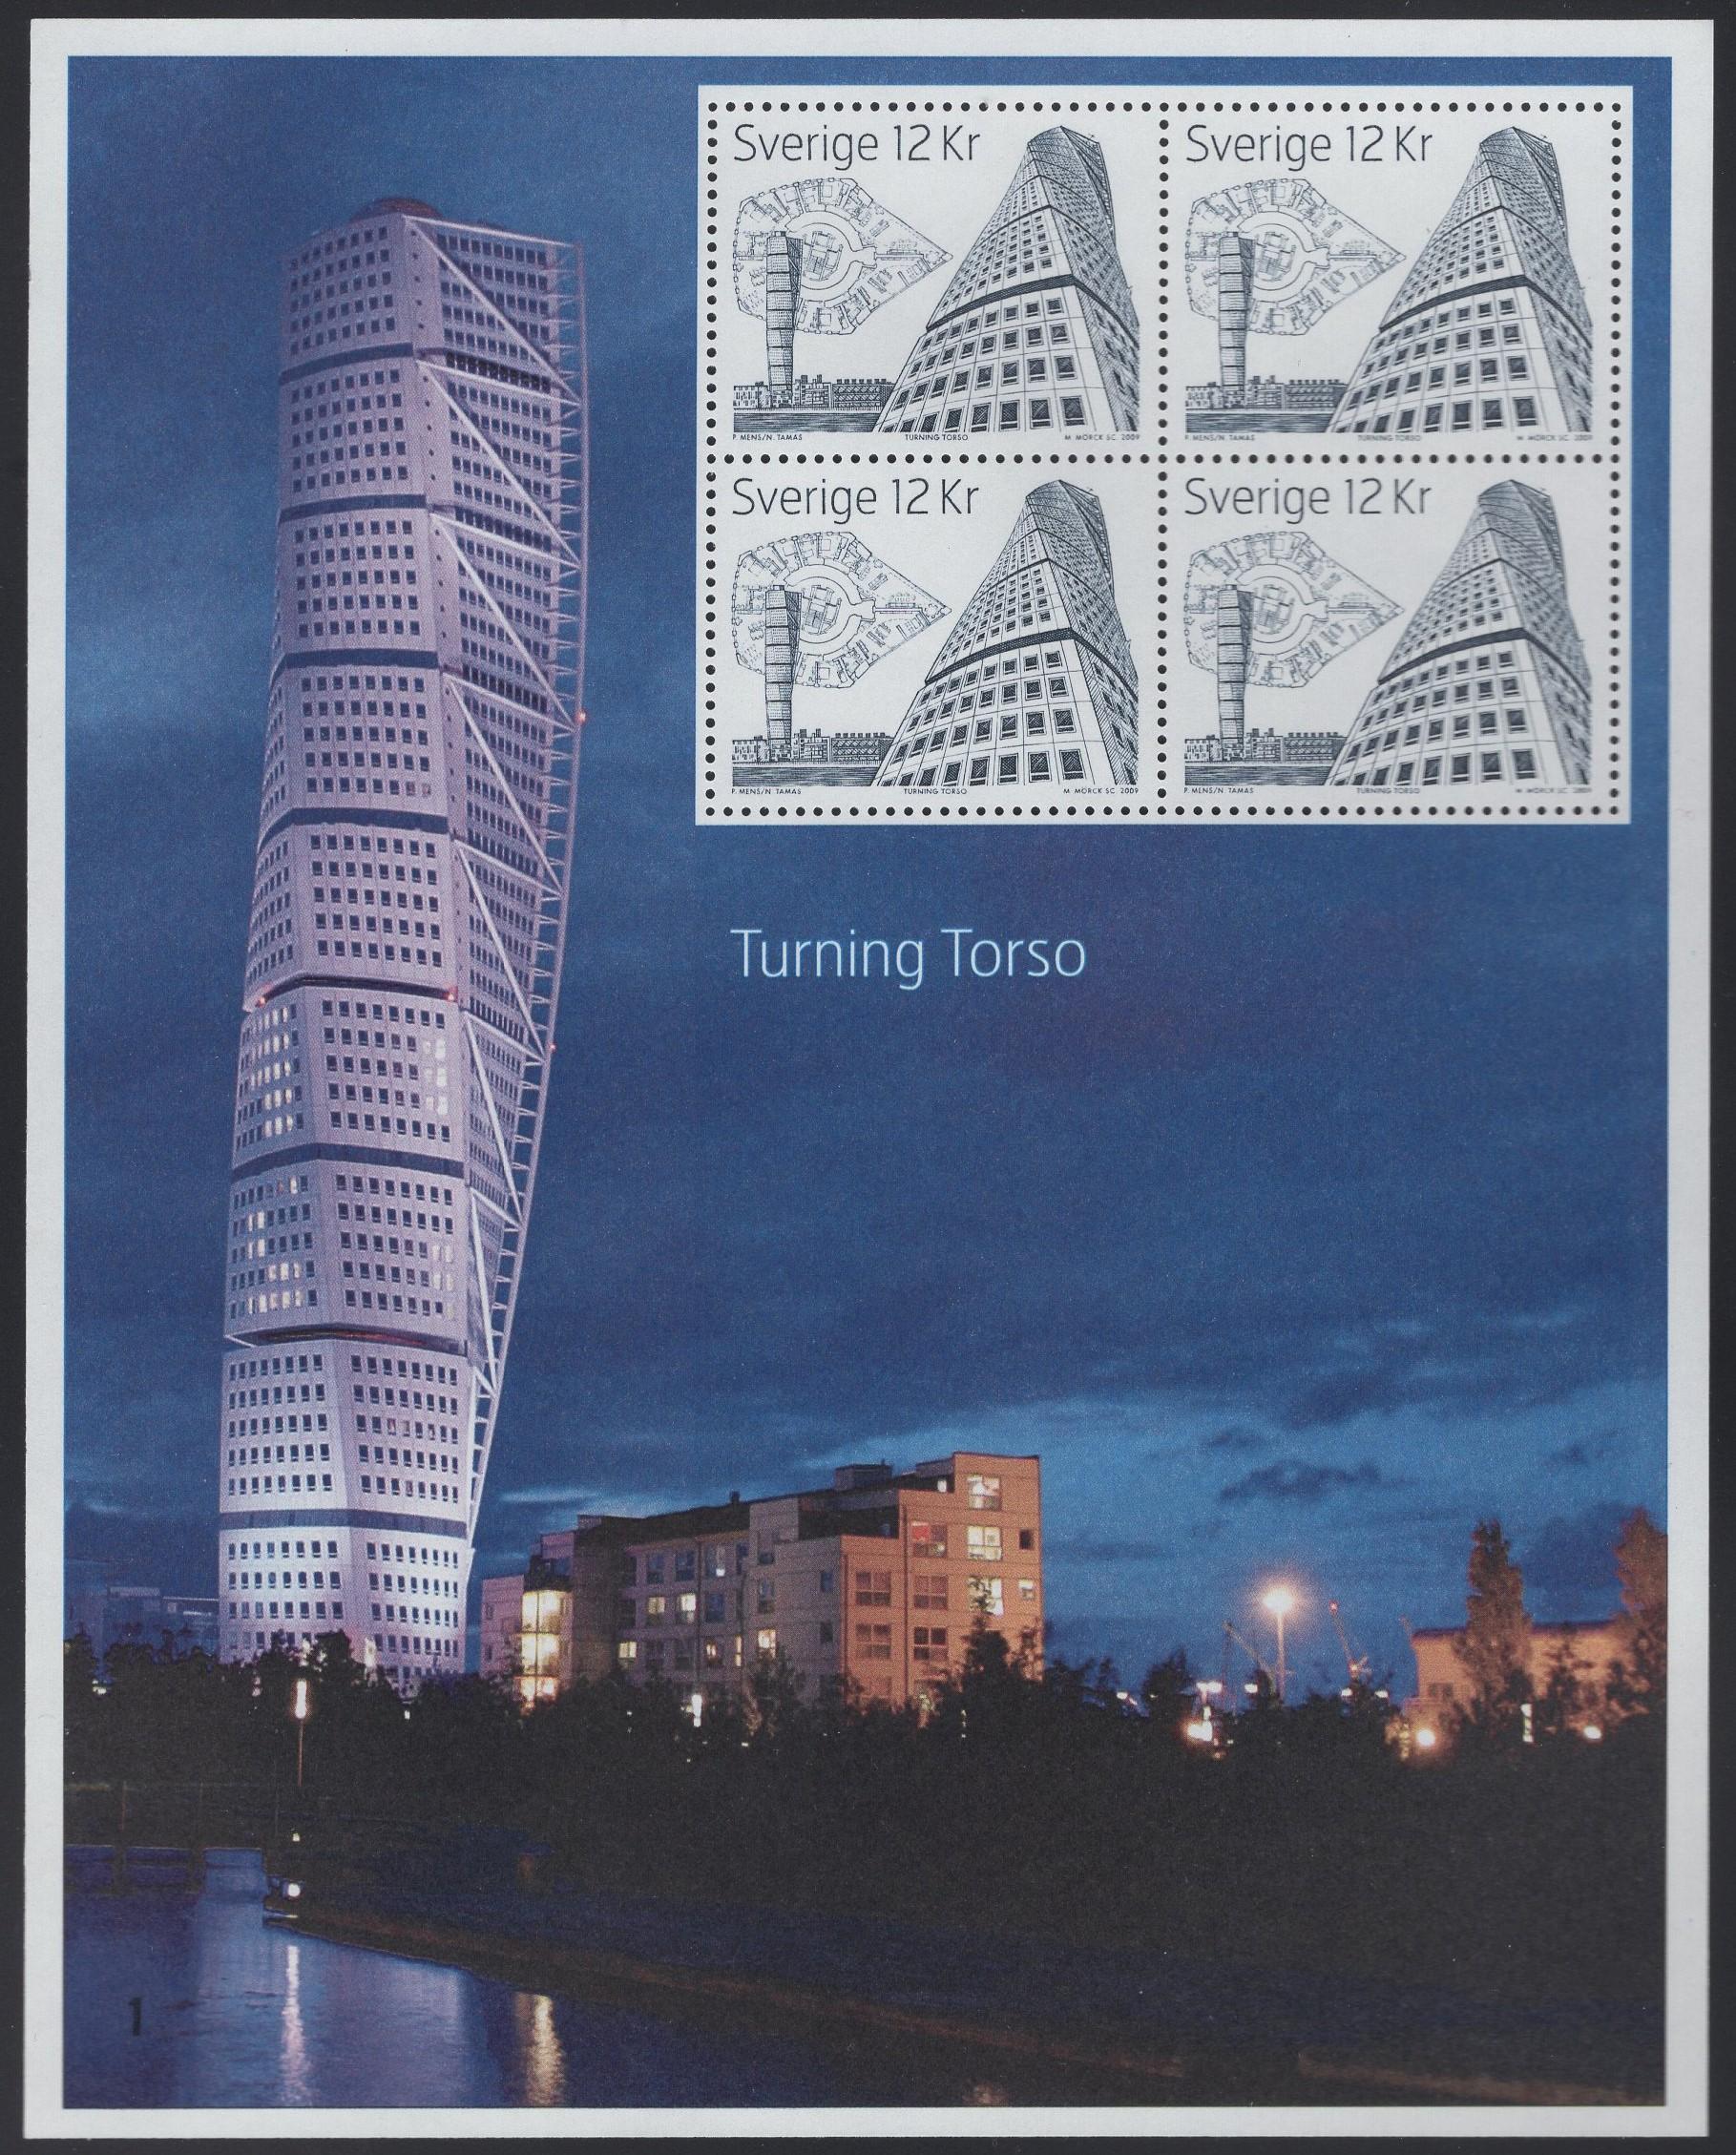 Schweden - postfrisch - Block 32 - Hohe Bauwerke